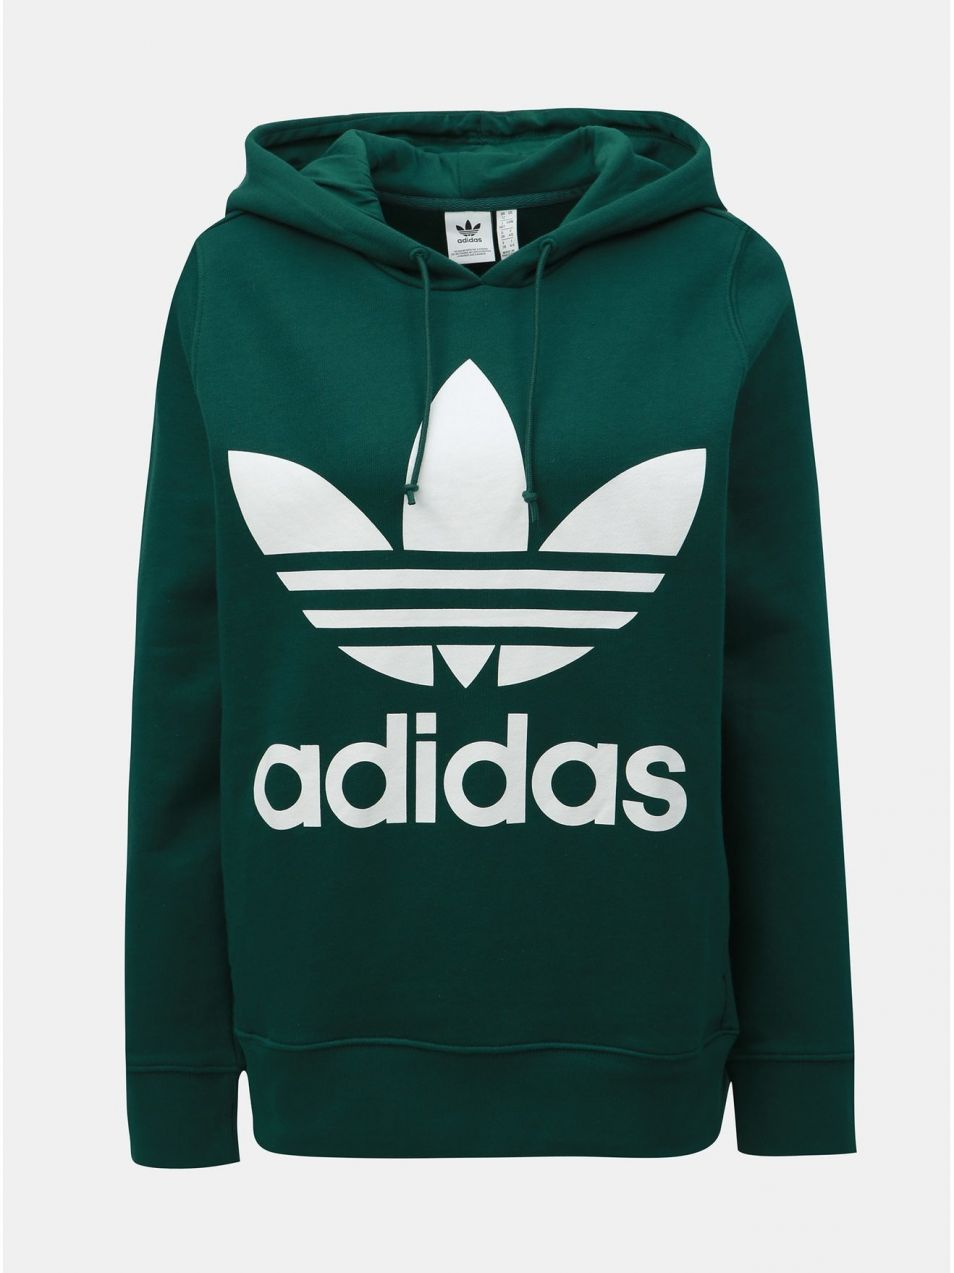 e3392e15b Zelená dámska mikina adidas Originals Trefoil značky adidas ...